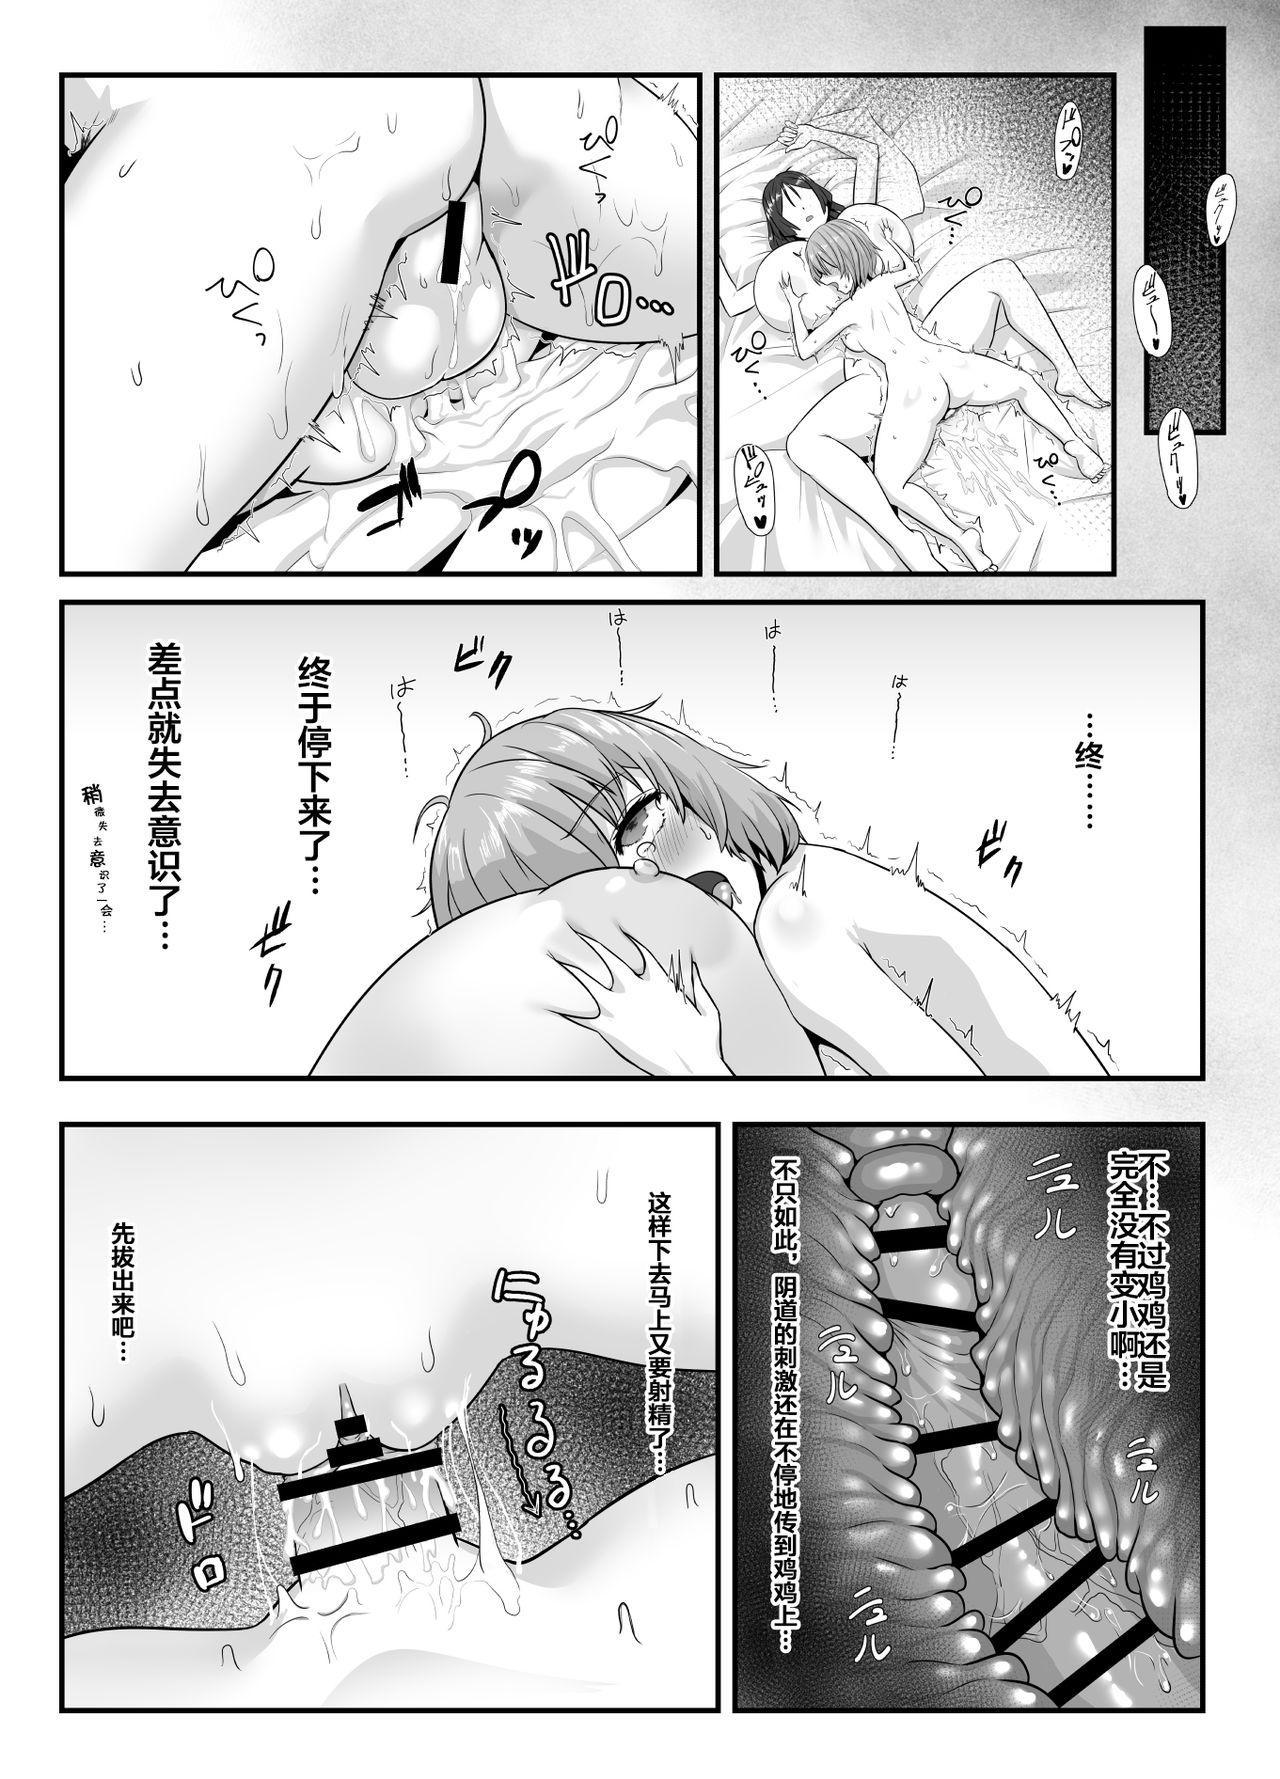 [Sadalsuud (Hoshiaka)] Seijun datta Hazu no Mashu wa Futanari no Yuuwaku ni Ochiru Dai-4-wa (Fate/Grand Order) [Chinese] [不咕鸟汉化组] 22